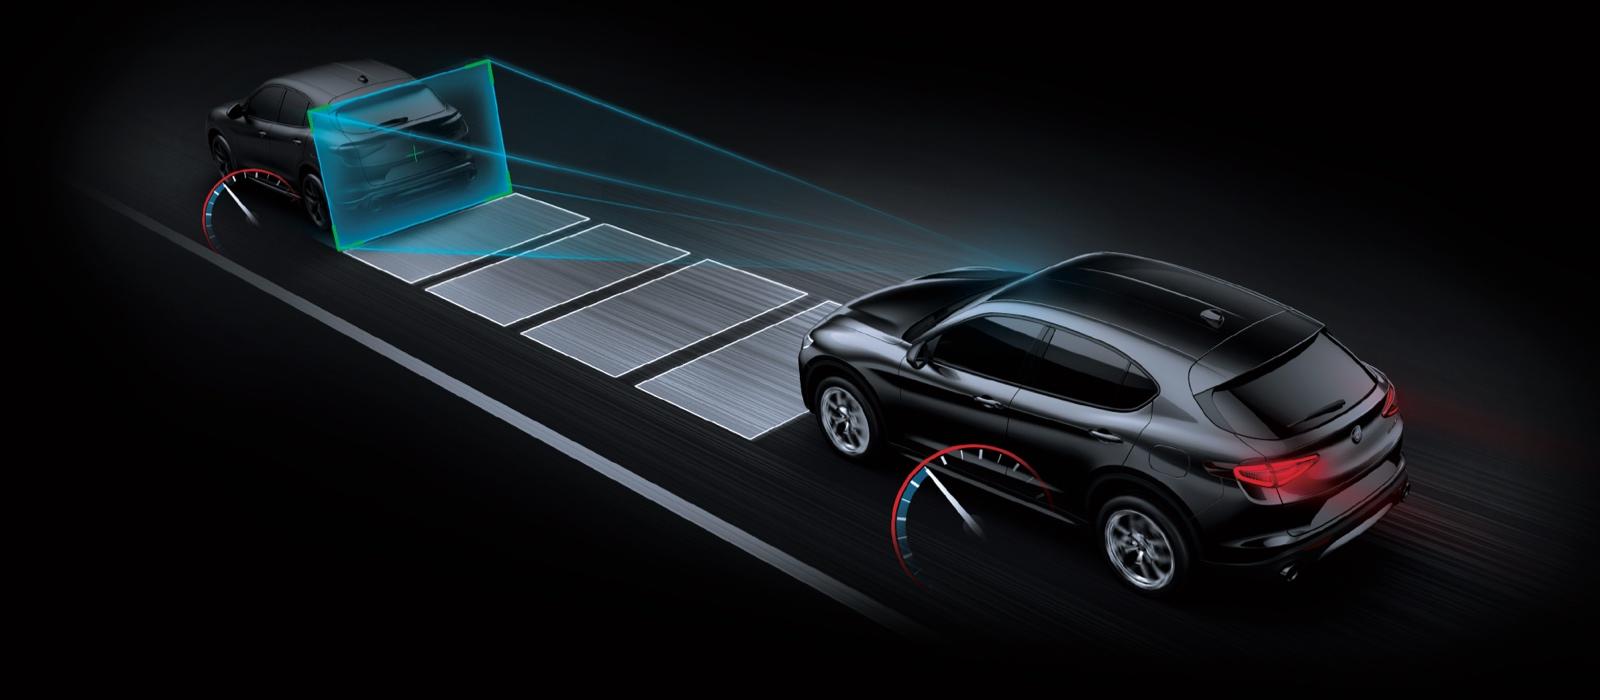 Los sensores en el Alfa Romeo Stelvio Quadrifoglio 2021 monitoreando los marcadores de carril a ambos lados del vehículo y el área que tiene por delante, donde detectan un vehículo.